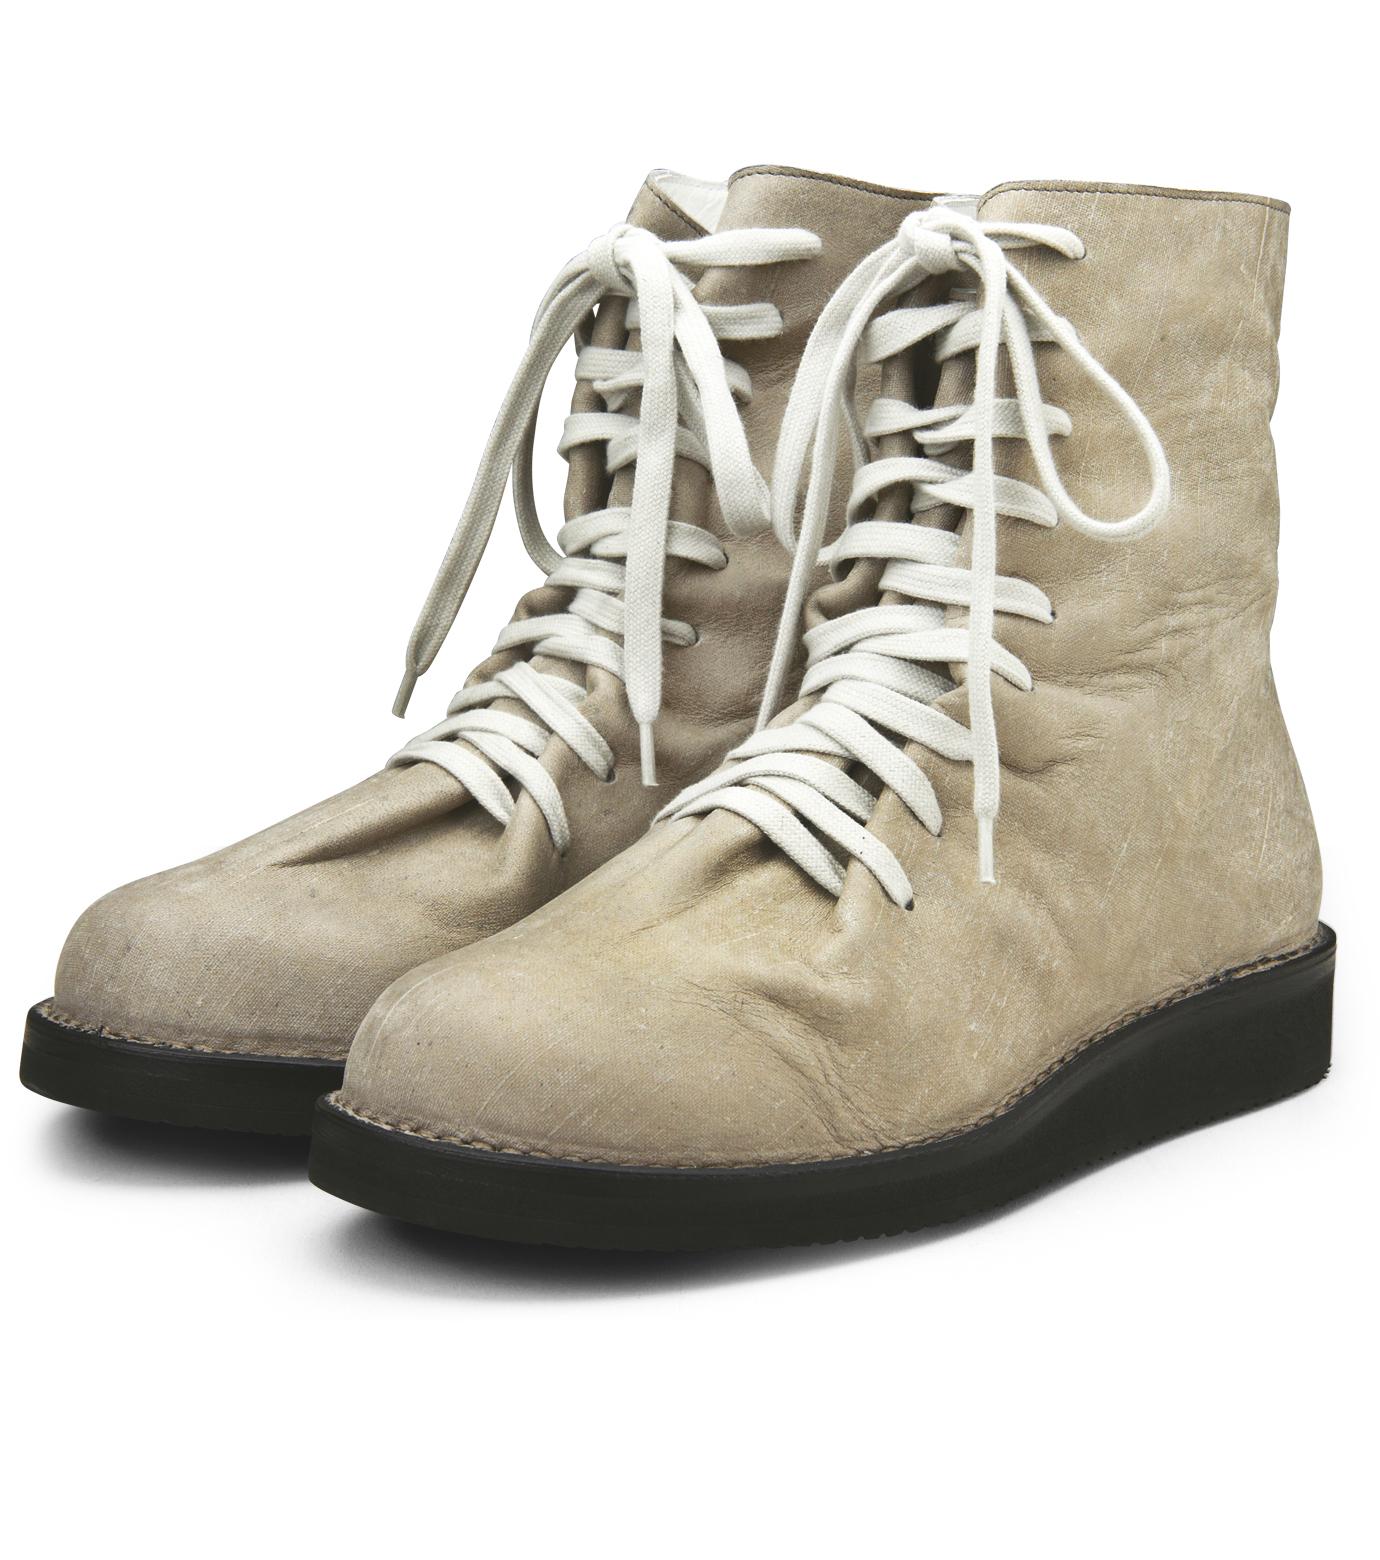 Kris Van Assche(クリスヴァンアッシュ)のLace Up Boots-GRAY-K2793 拡大詳細画像4